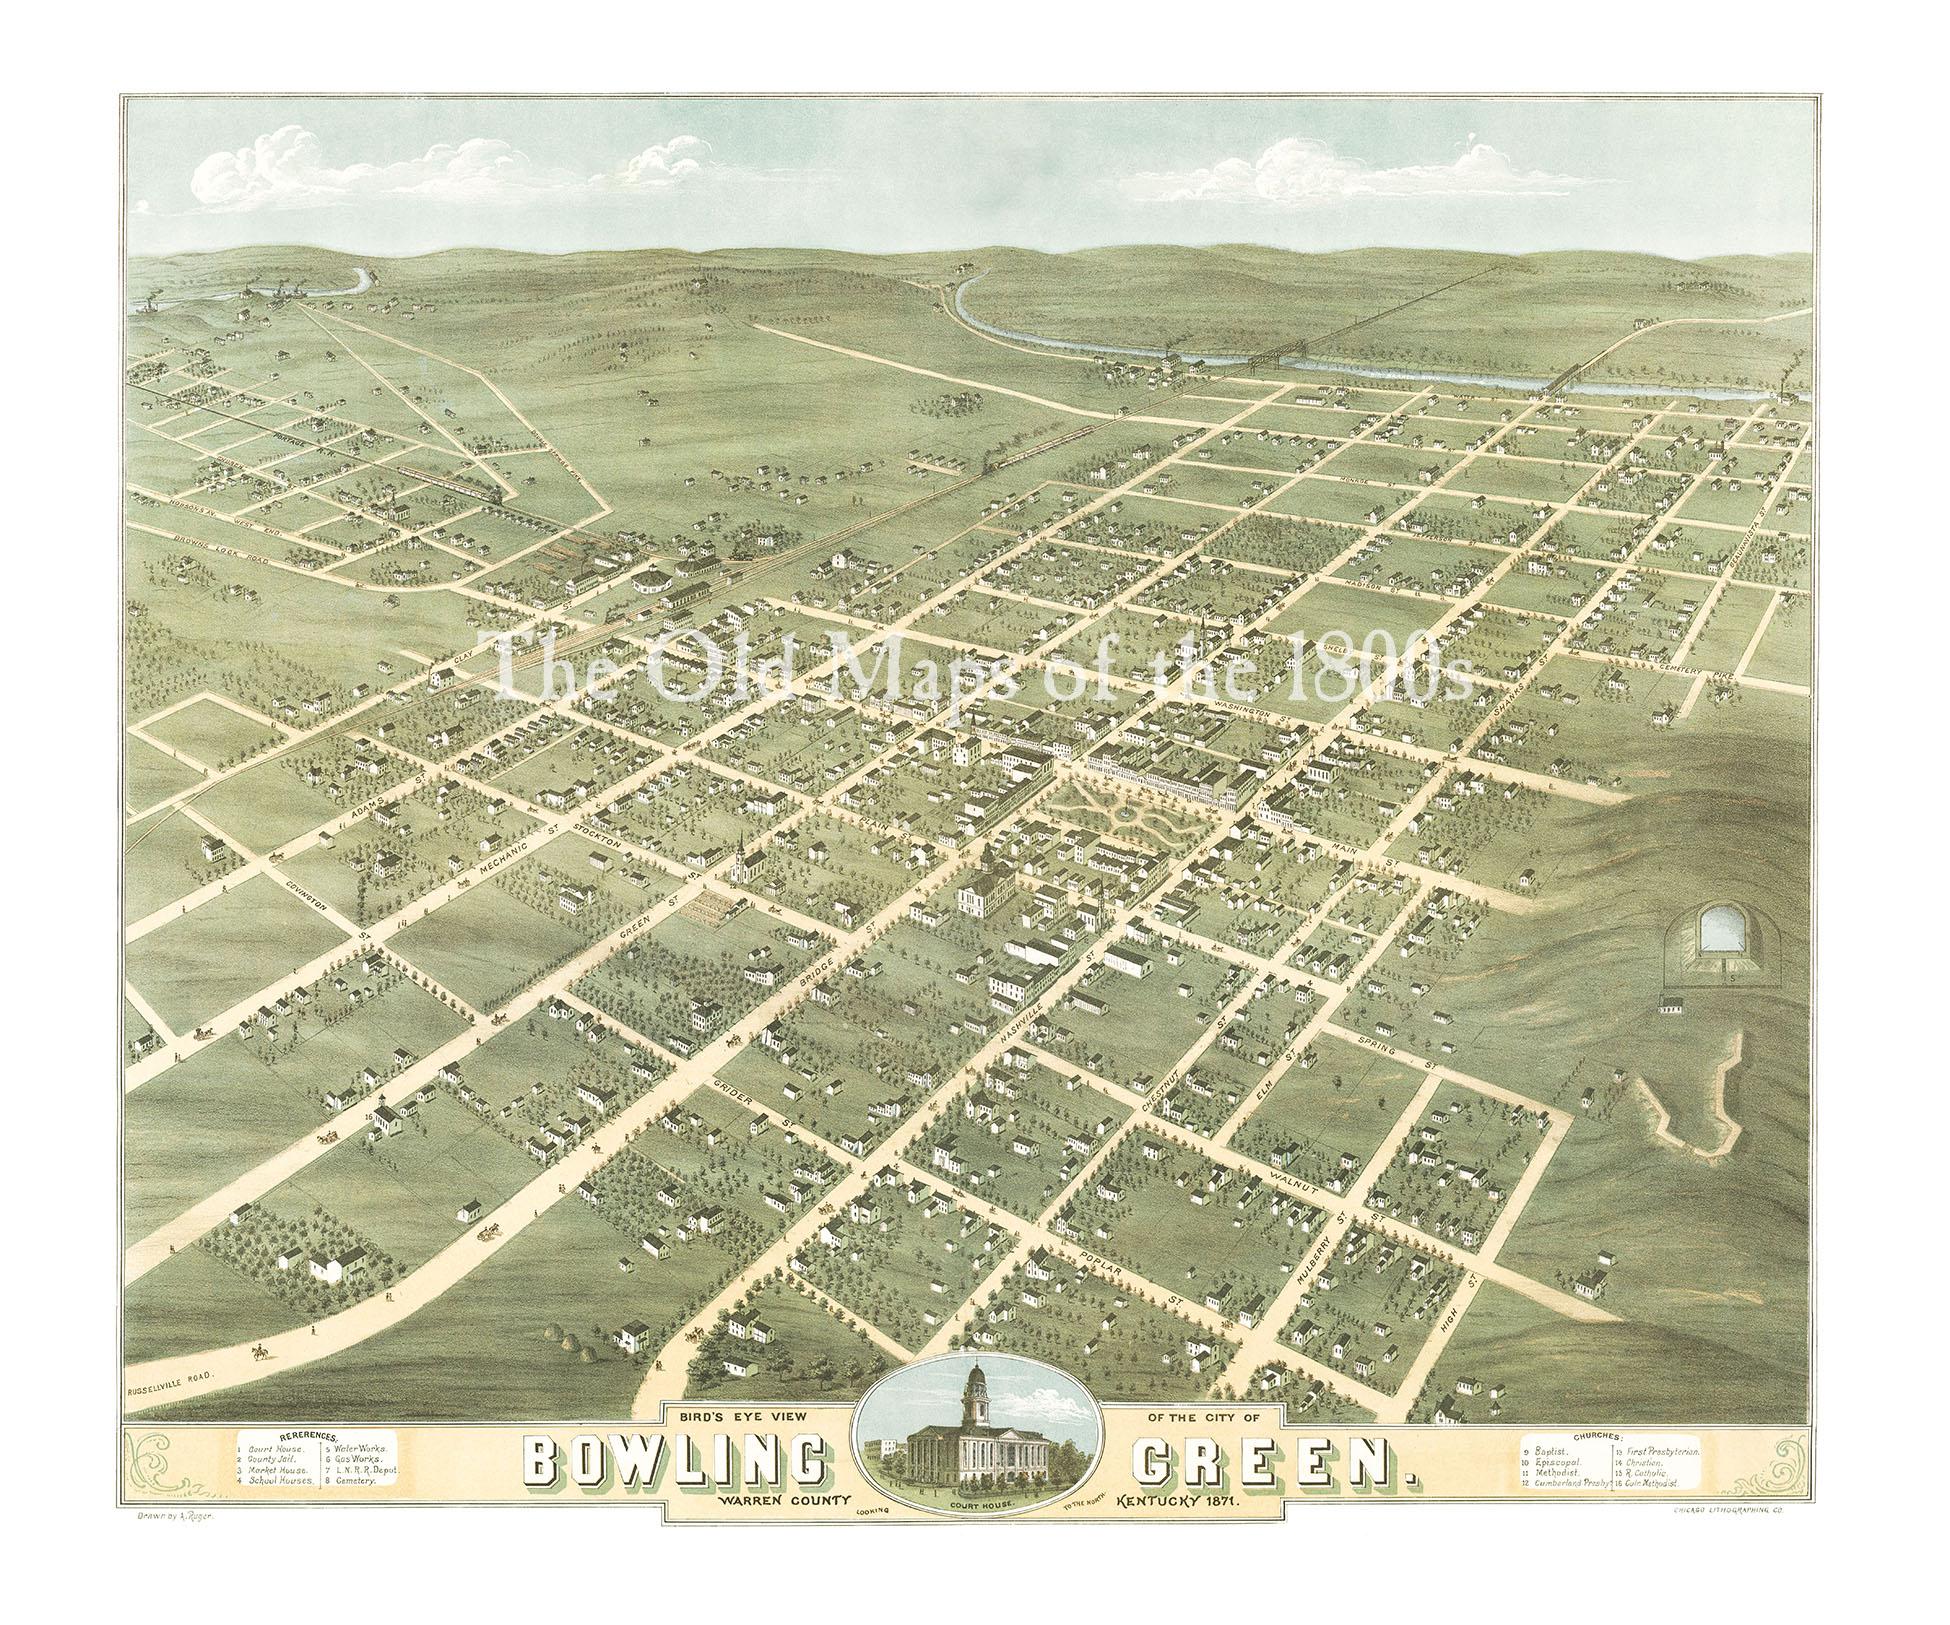 bowling green kentucky in 1871 bird s eye view map aerial map